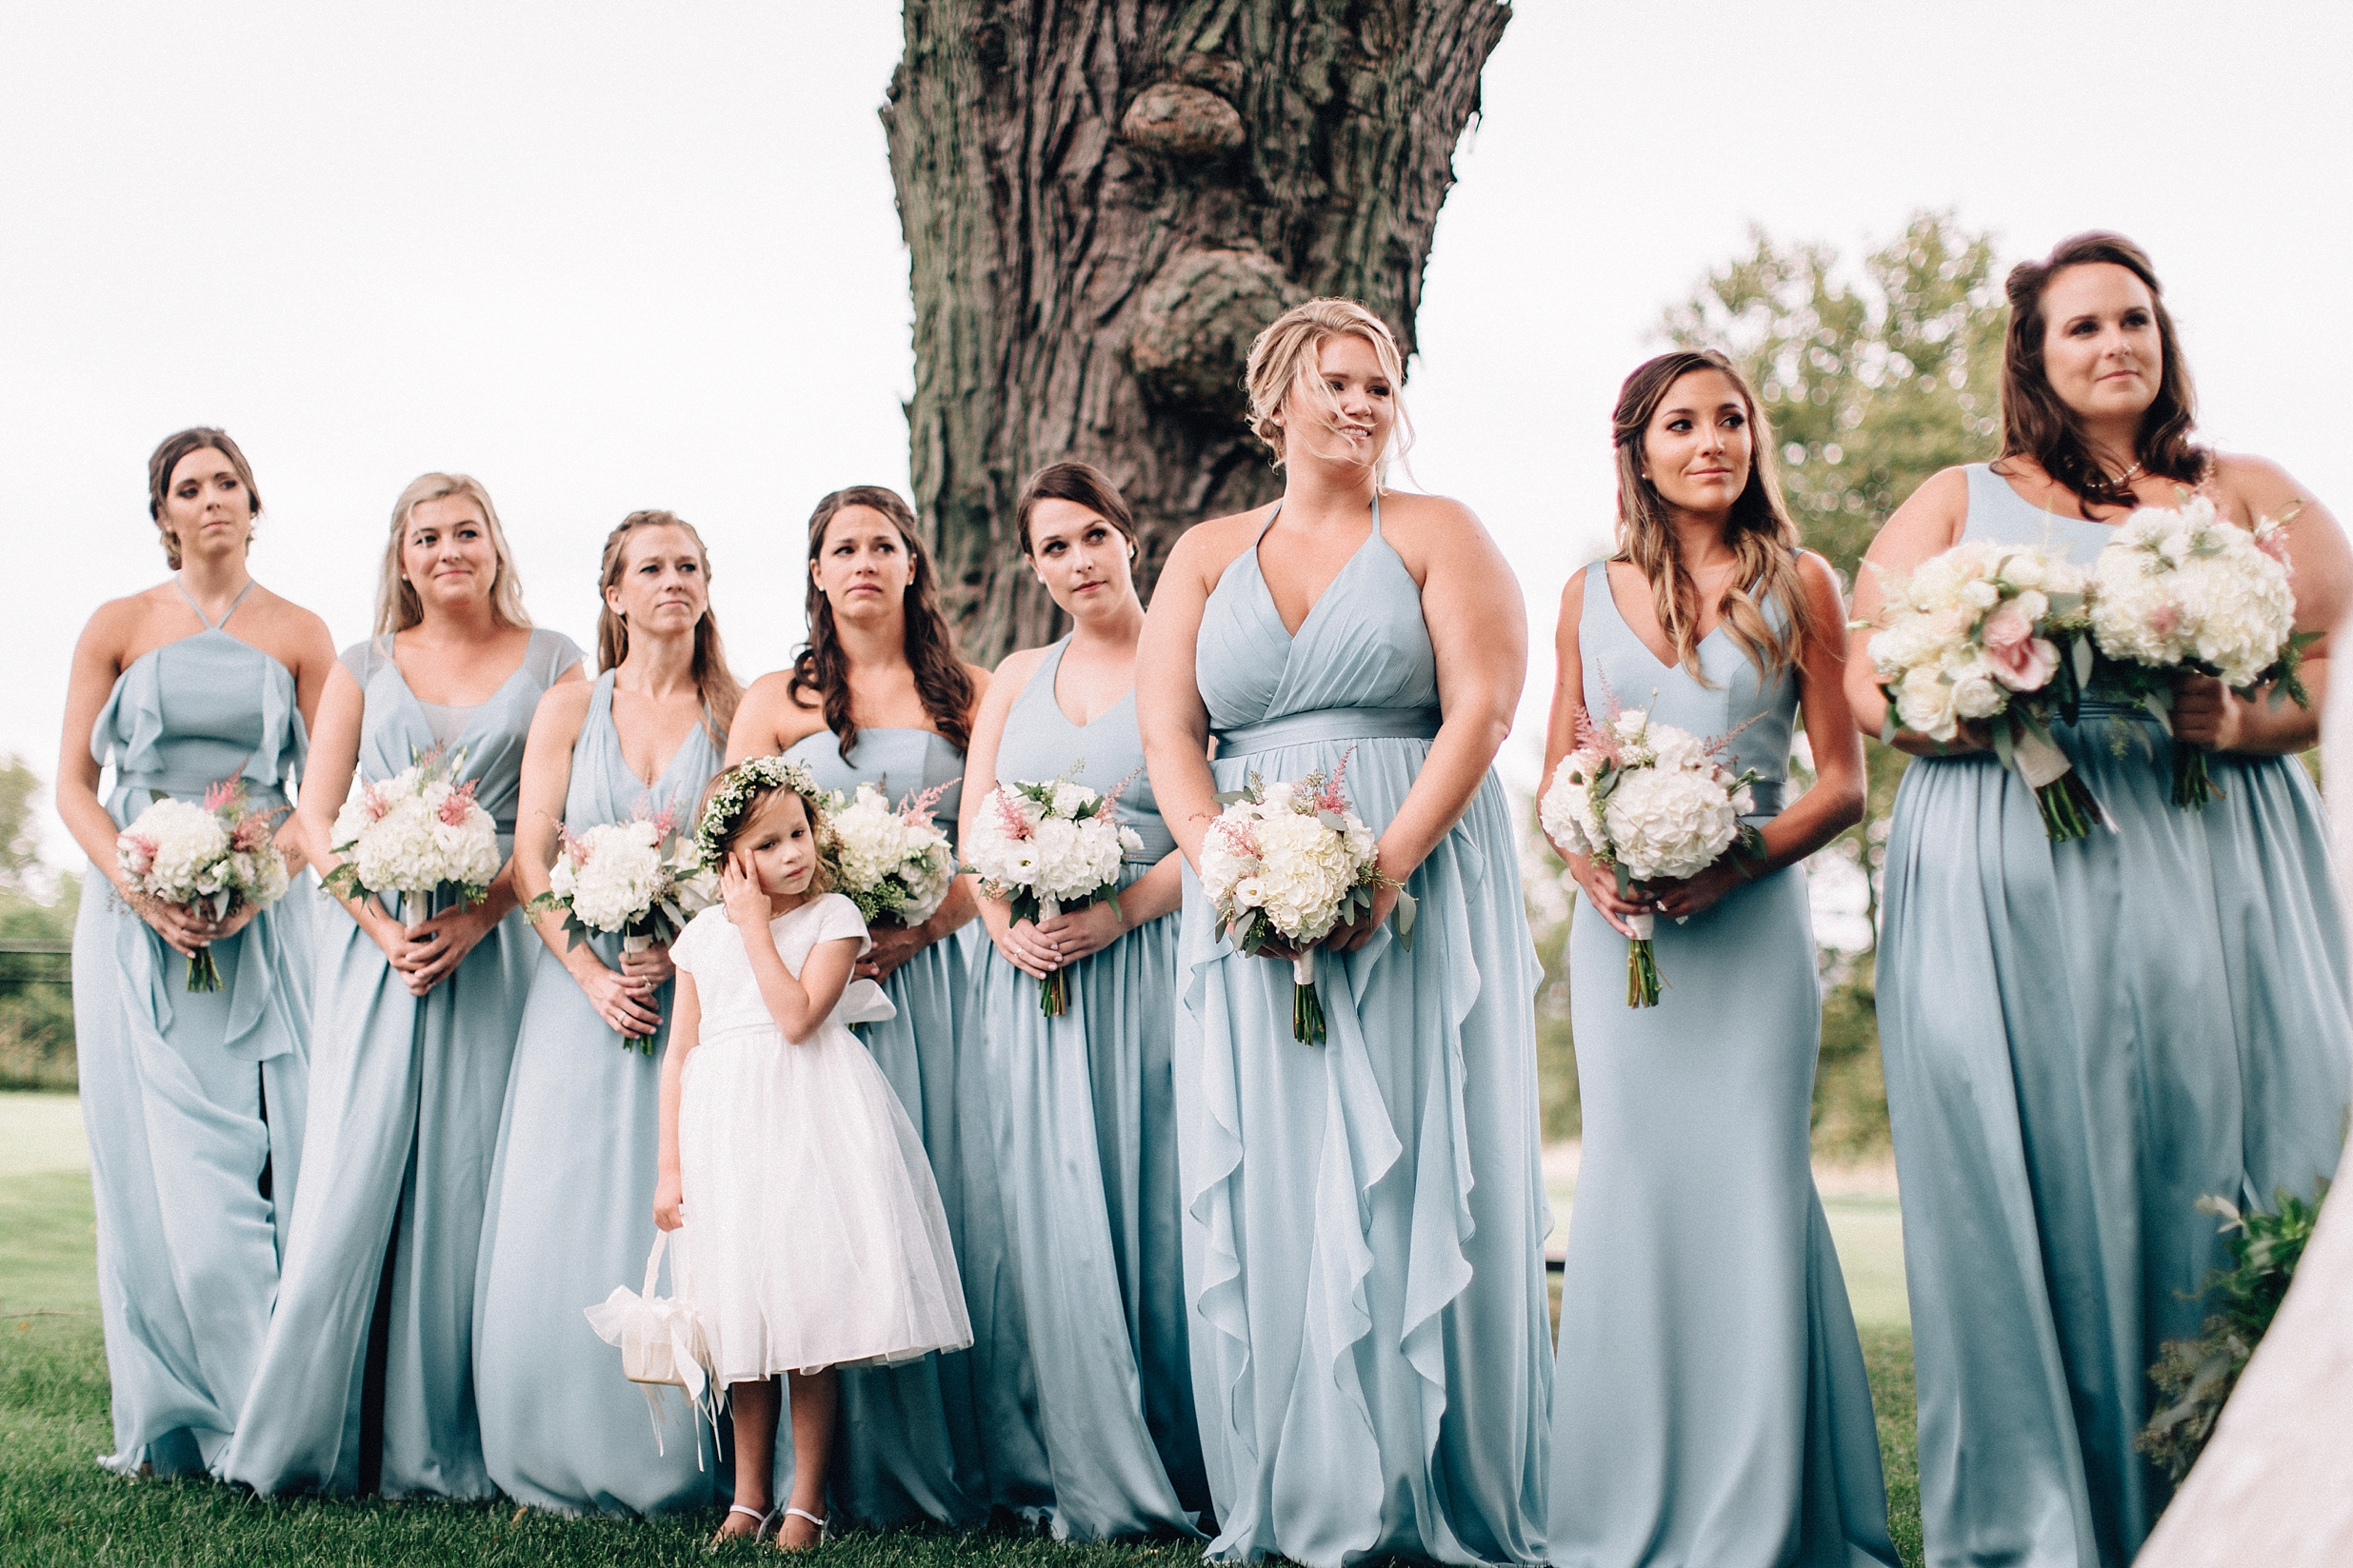 jersey-outdoor-ceremony-wedding-navasink-monmouth-rumson_0042.jpg